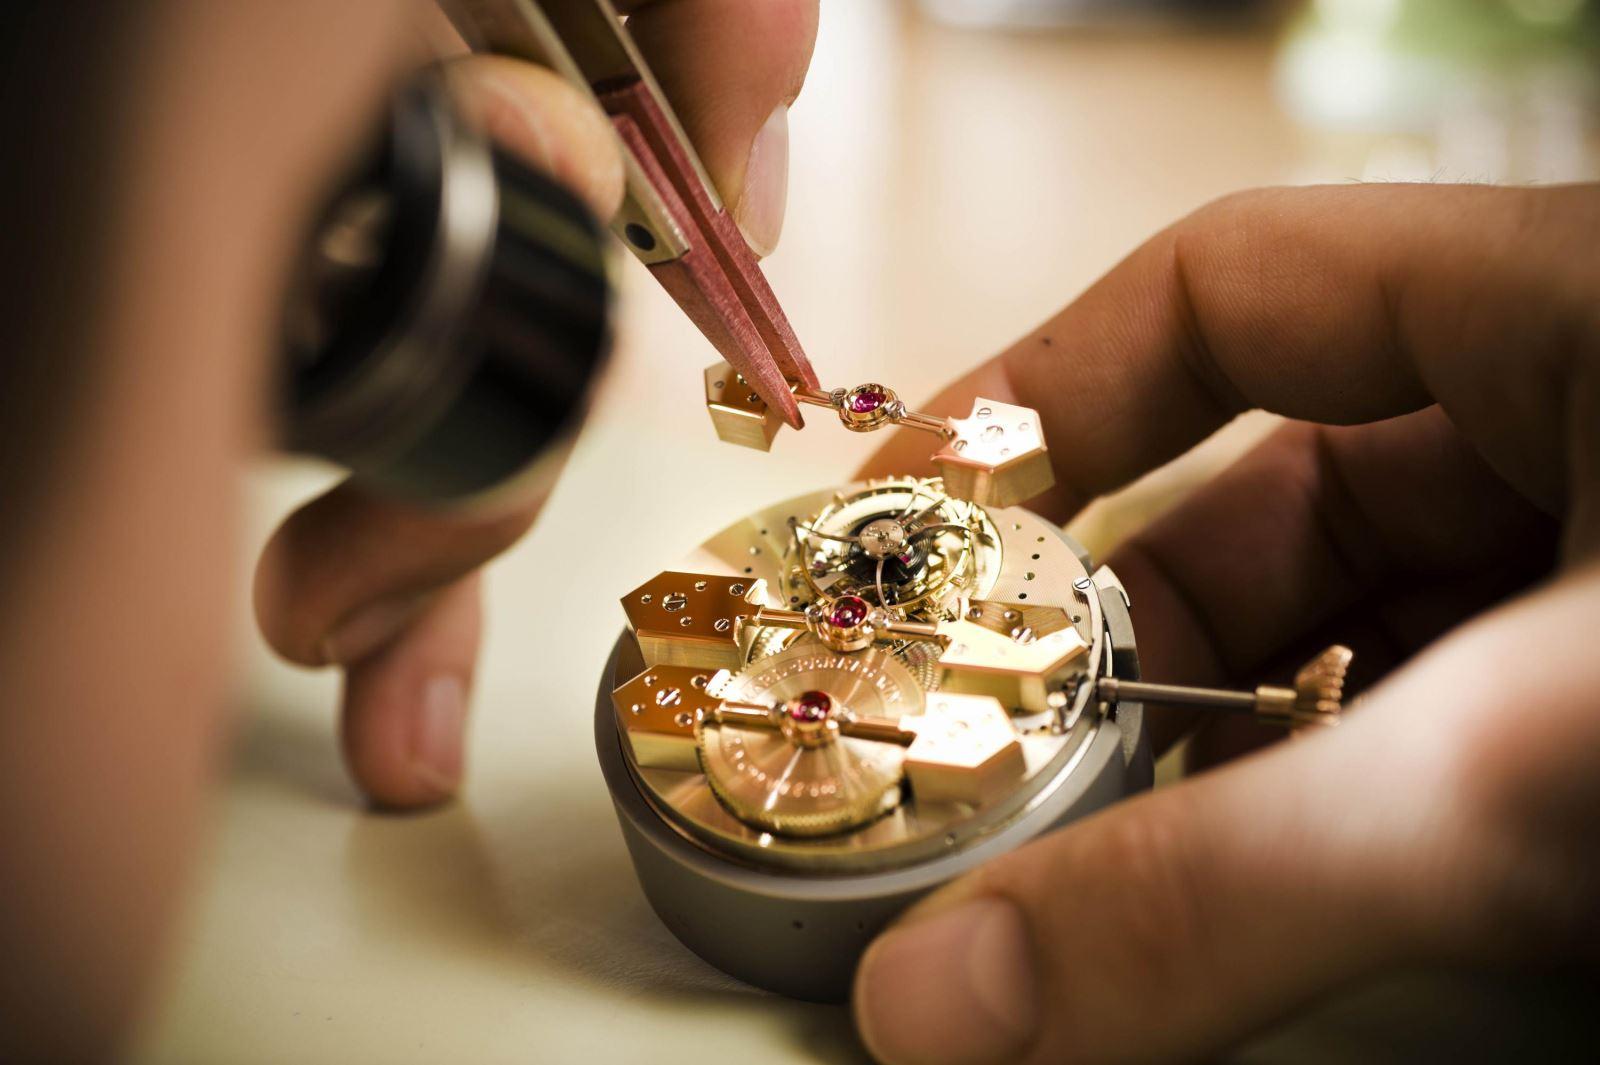 hướng dẫn bảo dưỡng đồng hồ tại nhà